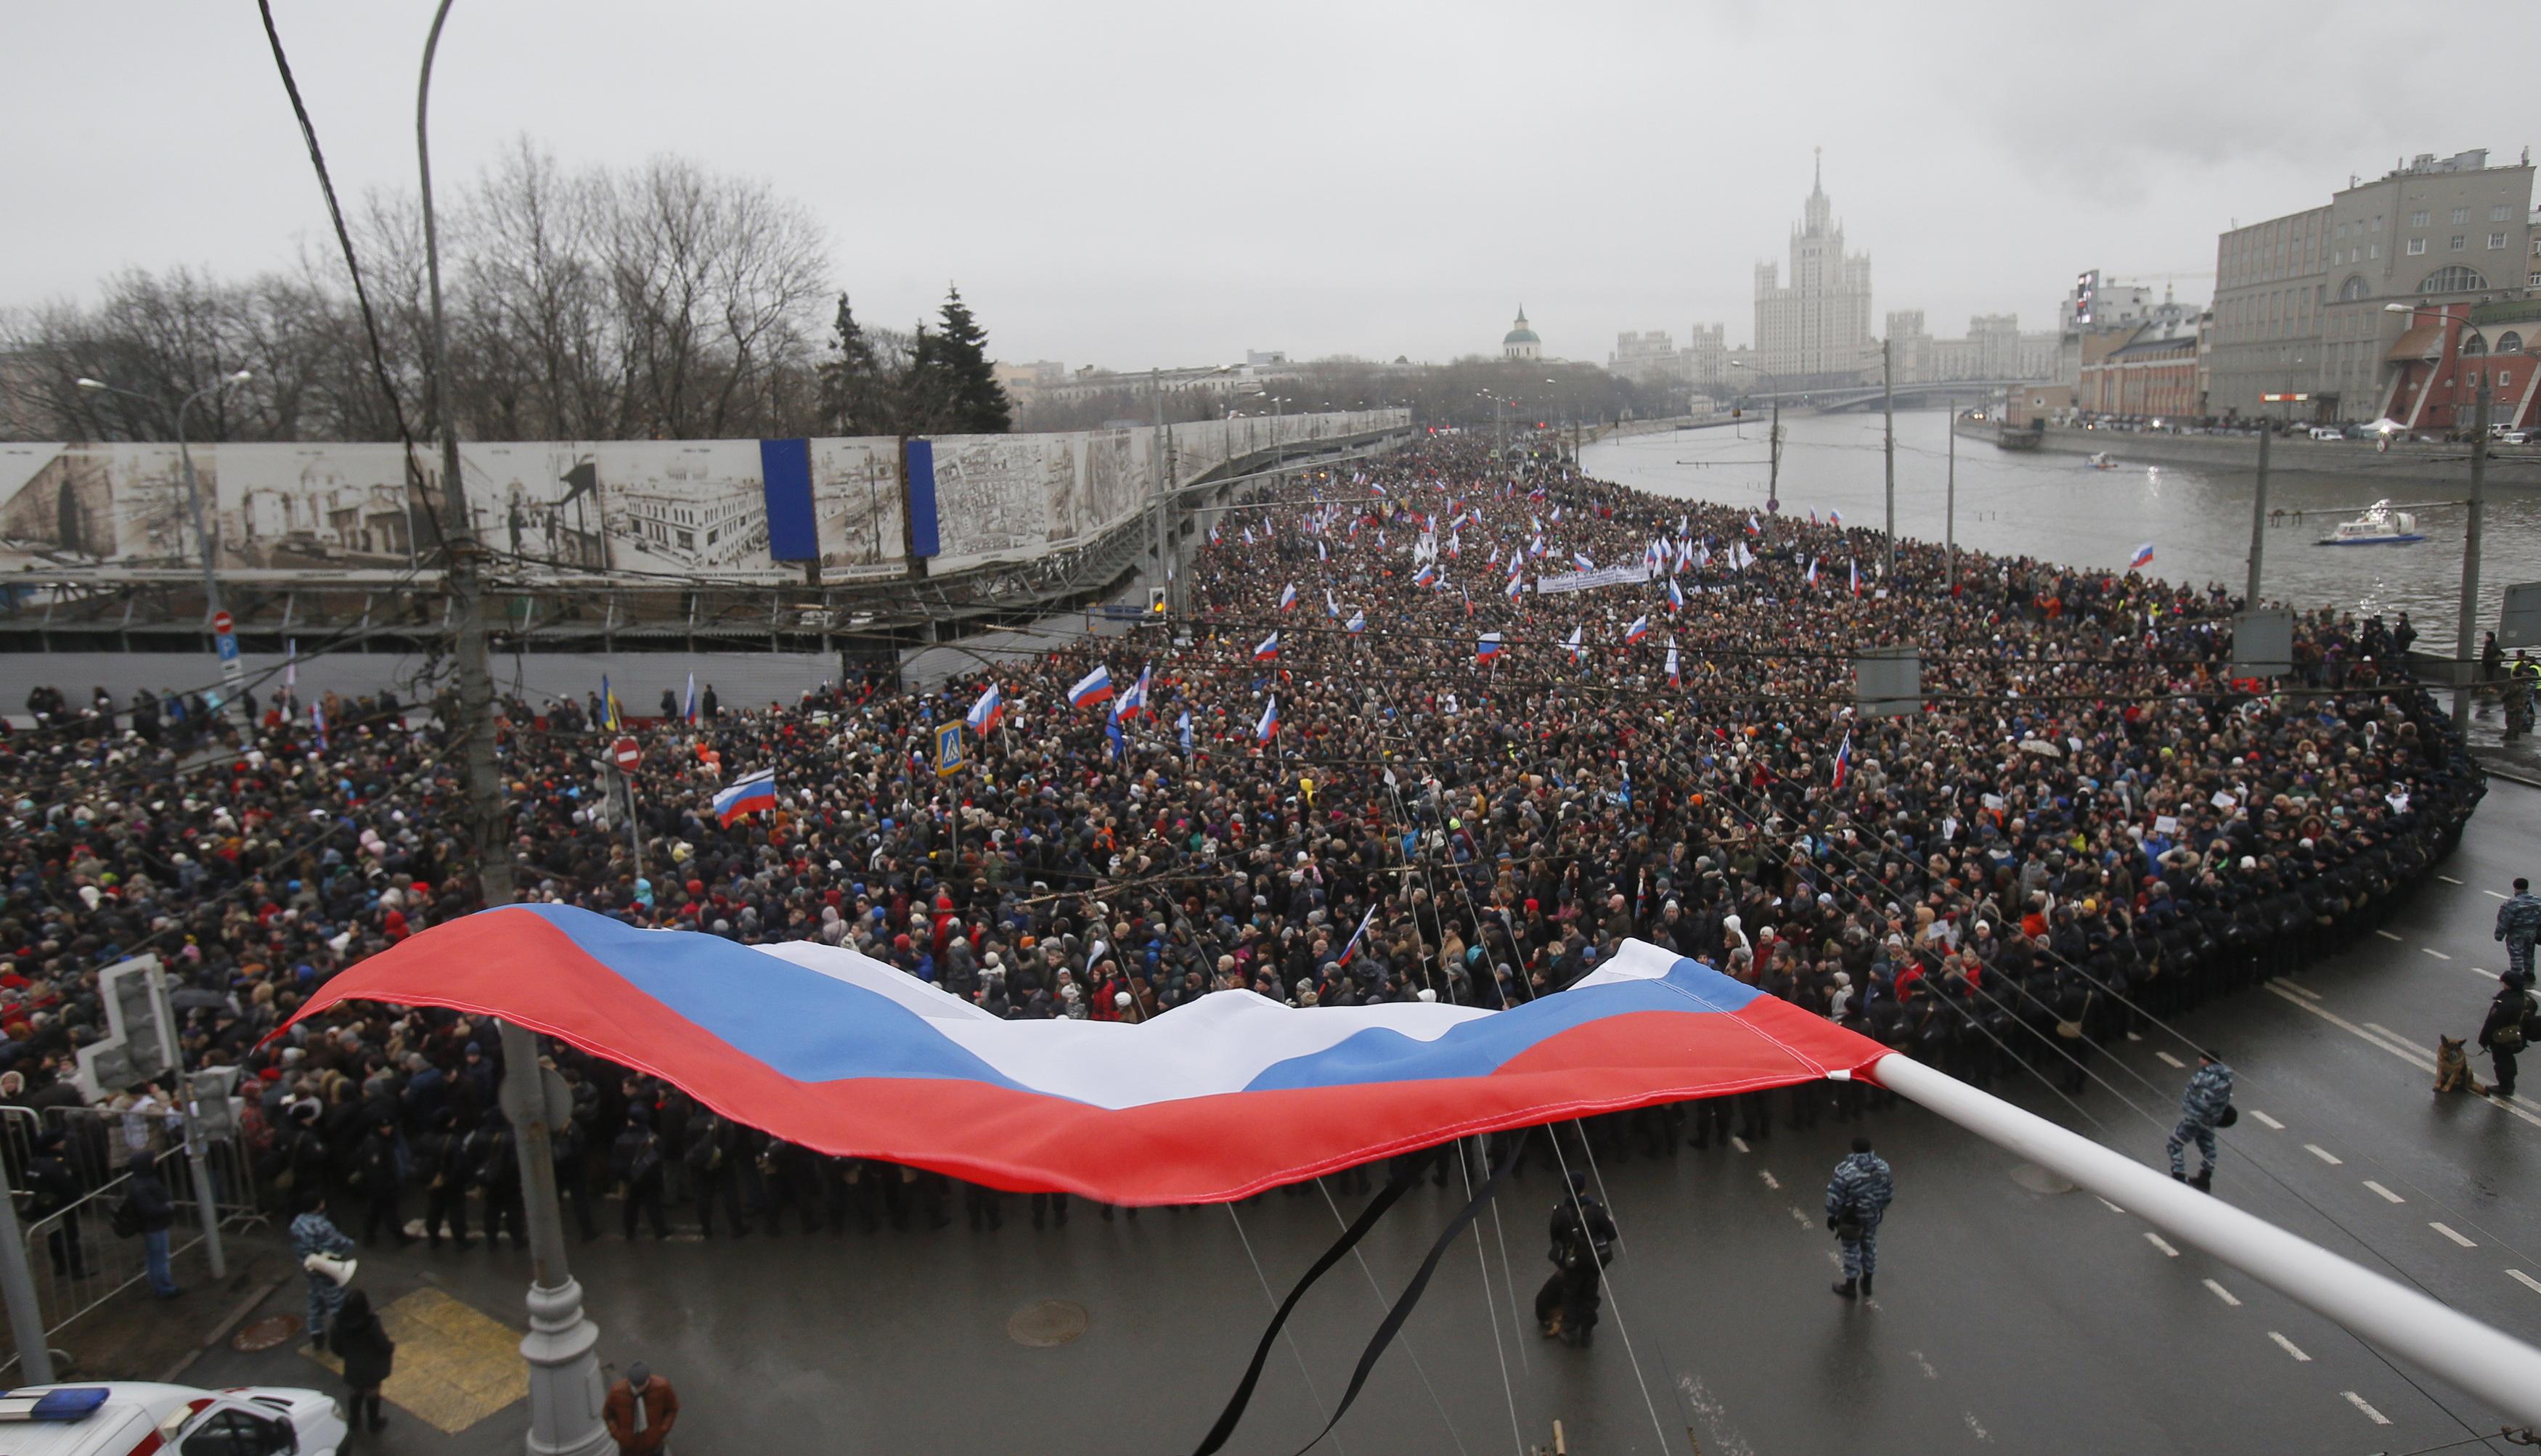 Марш памяти Бориса Немцова в Москве 1 марта 2015 года. Фото: Reuters